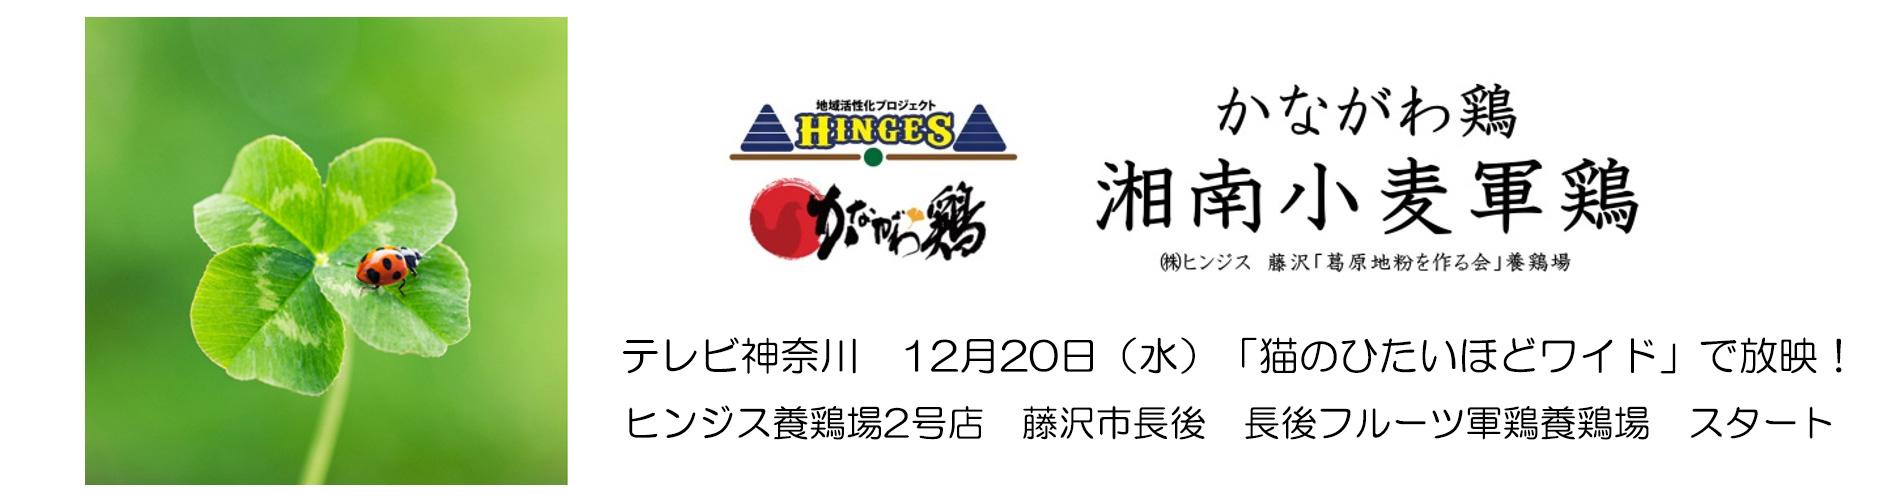 日本版DMOからはじまる地域活性化プロジェクト事業  DOG&HINGES(ヒンジス)